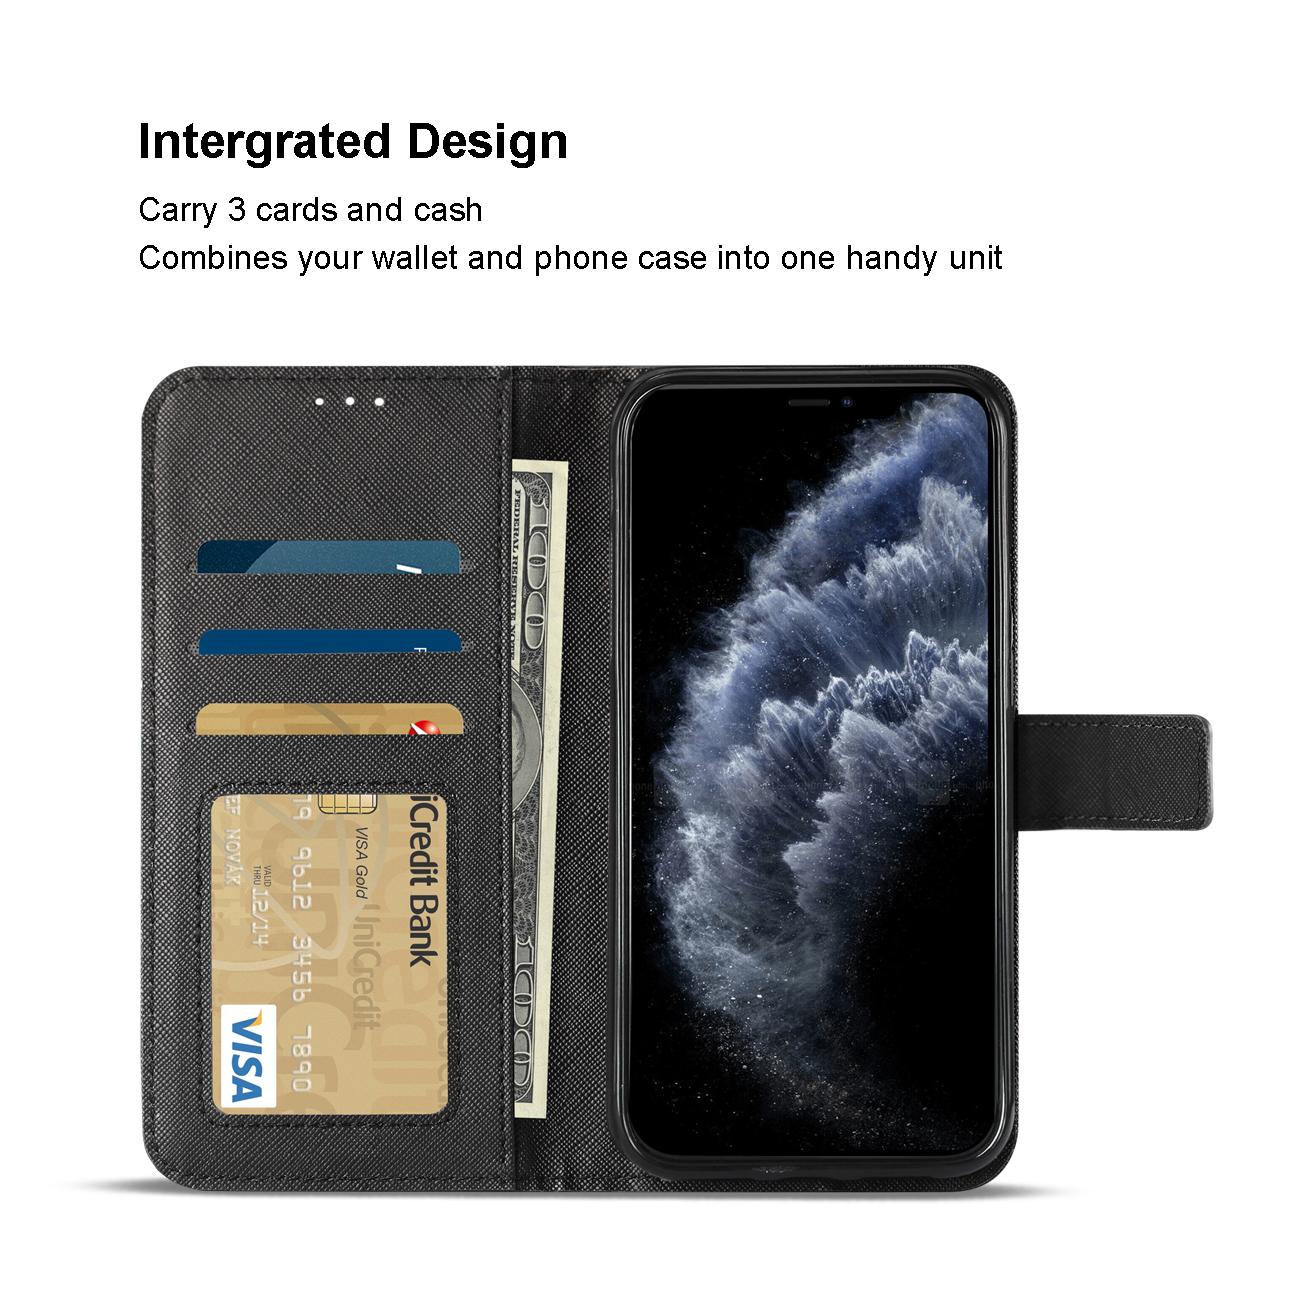 APPLE IPHONE 11 PRO 3-In-1 Wallet Case In BLACK